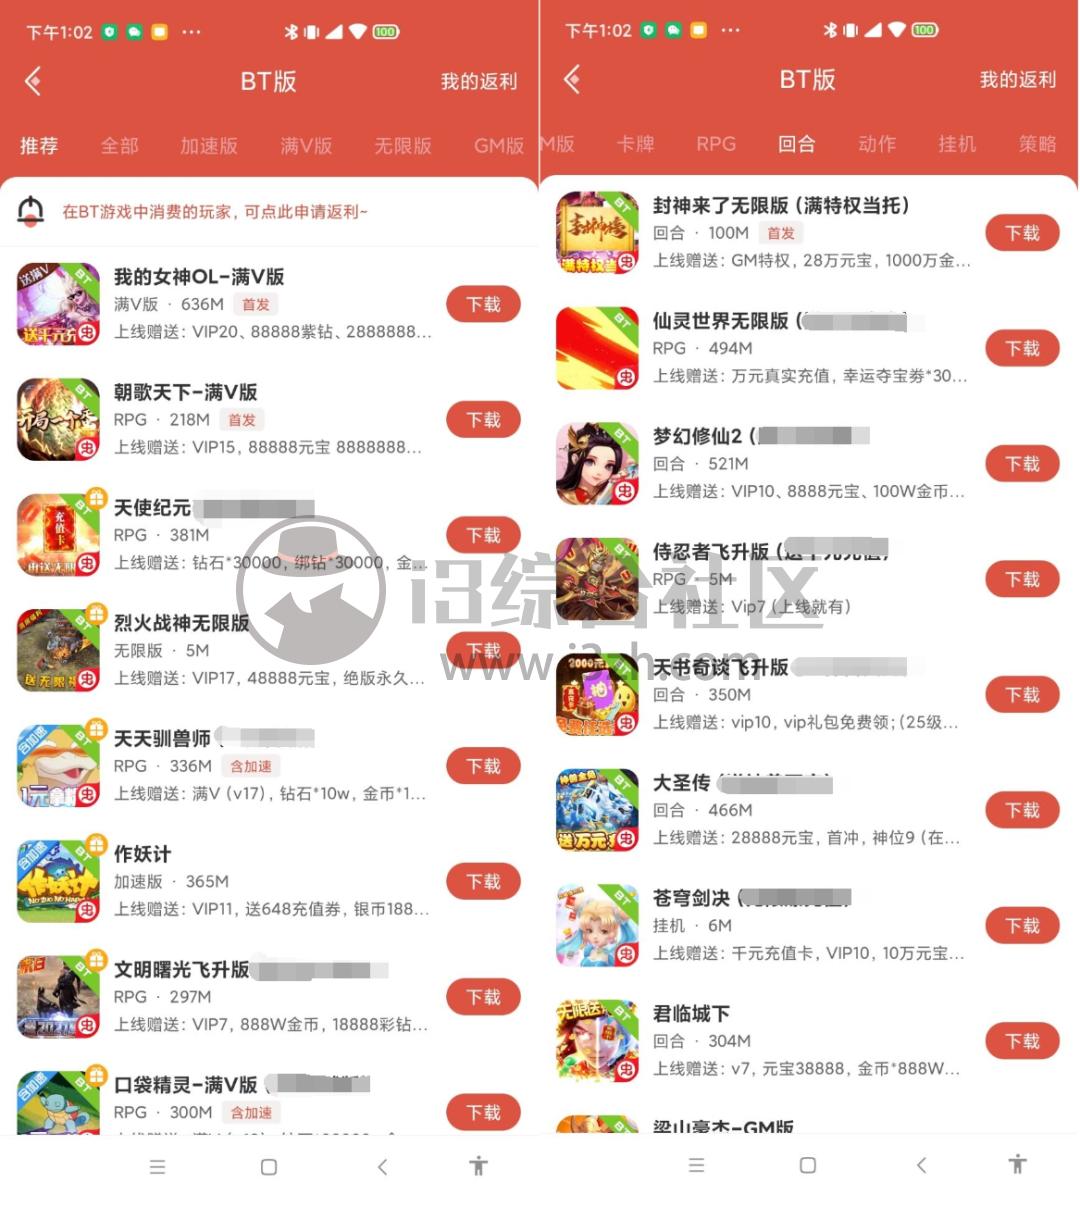 虫虫助手App,海量破解游戏,氪金或不氪金都可让你尽兴!-i3综合社区